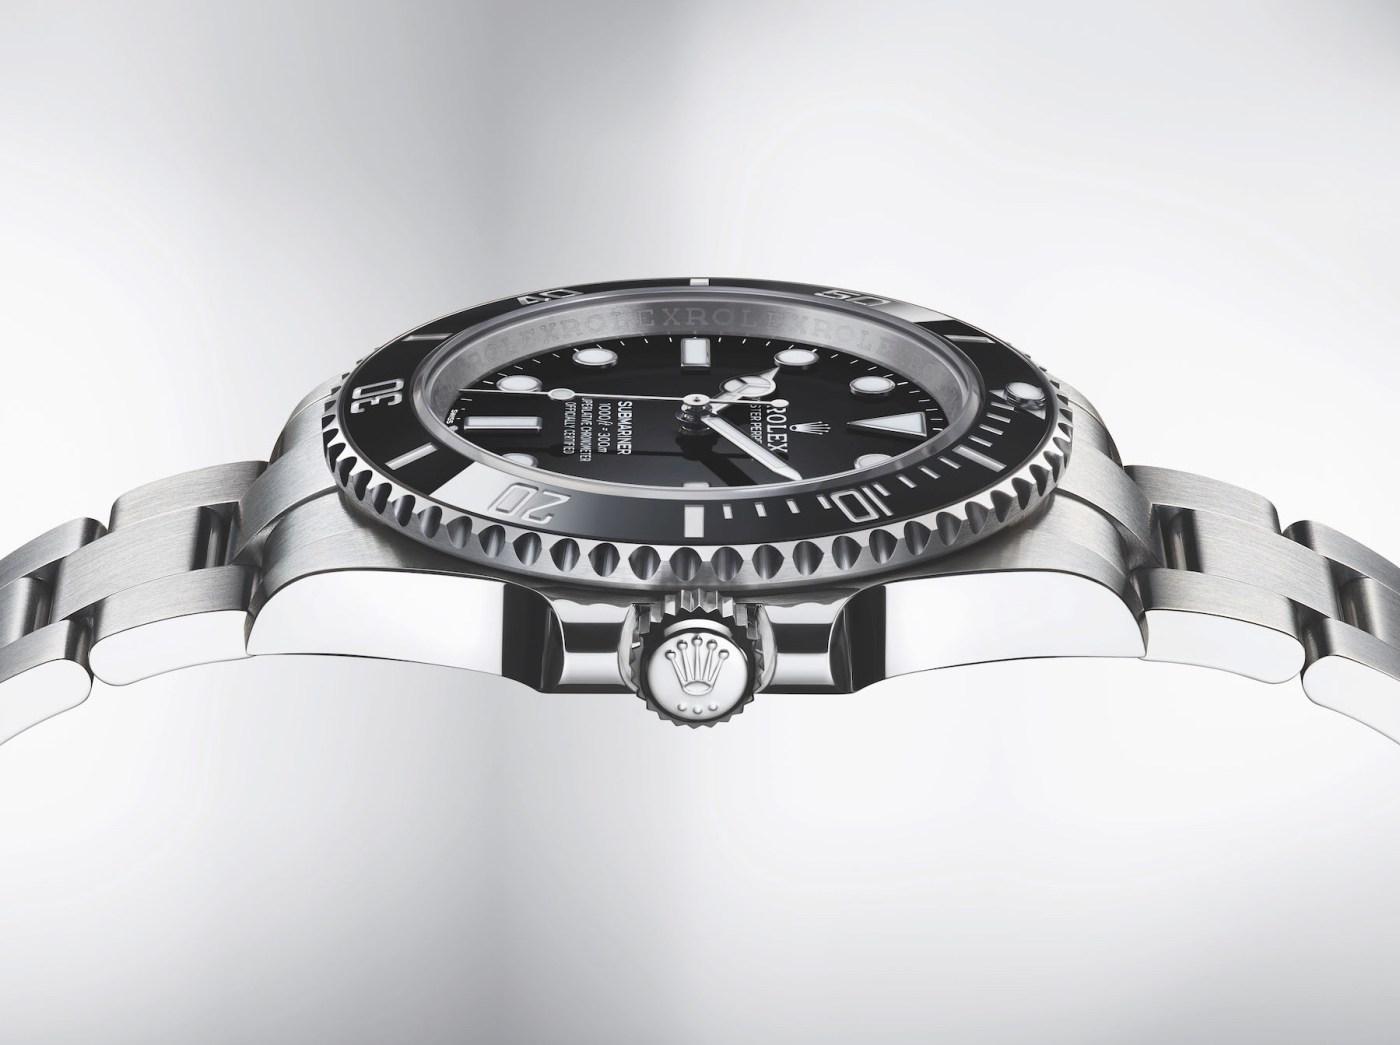 Rolex Submariner 124060 side